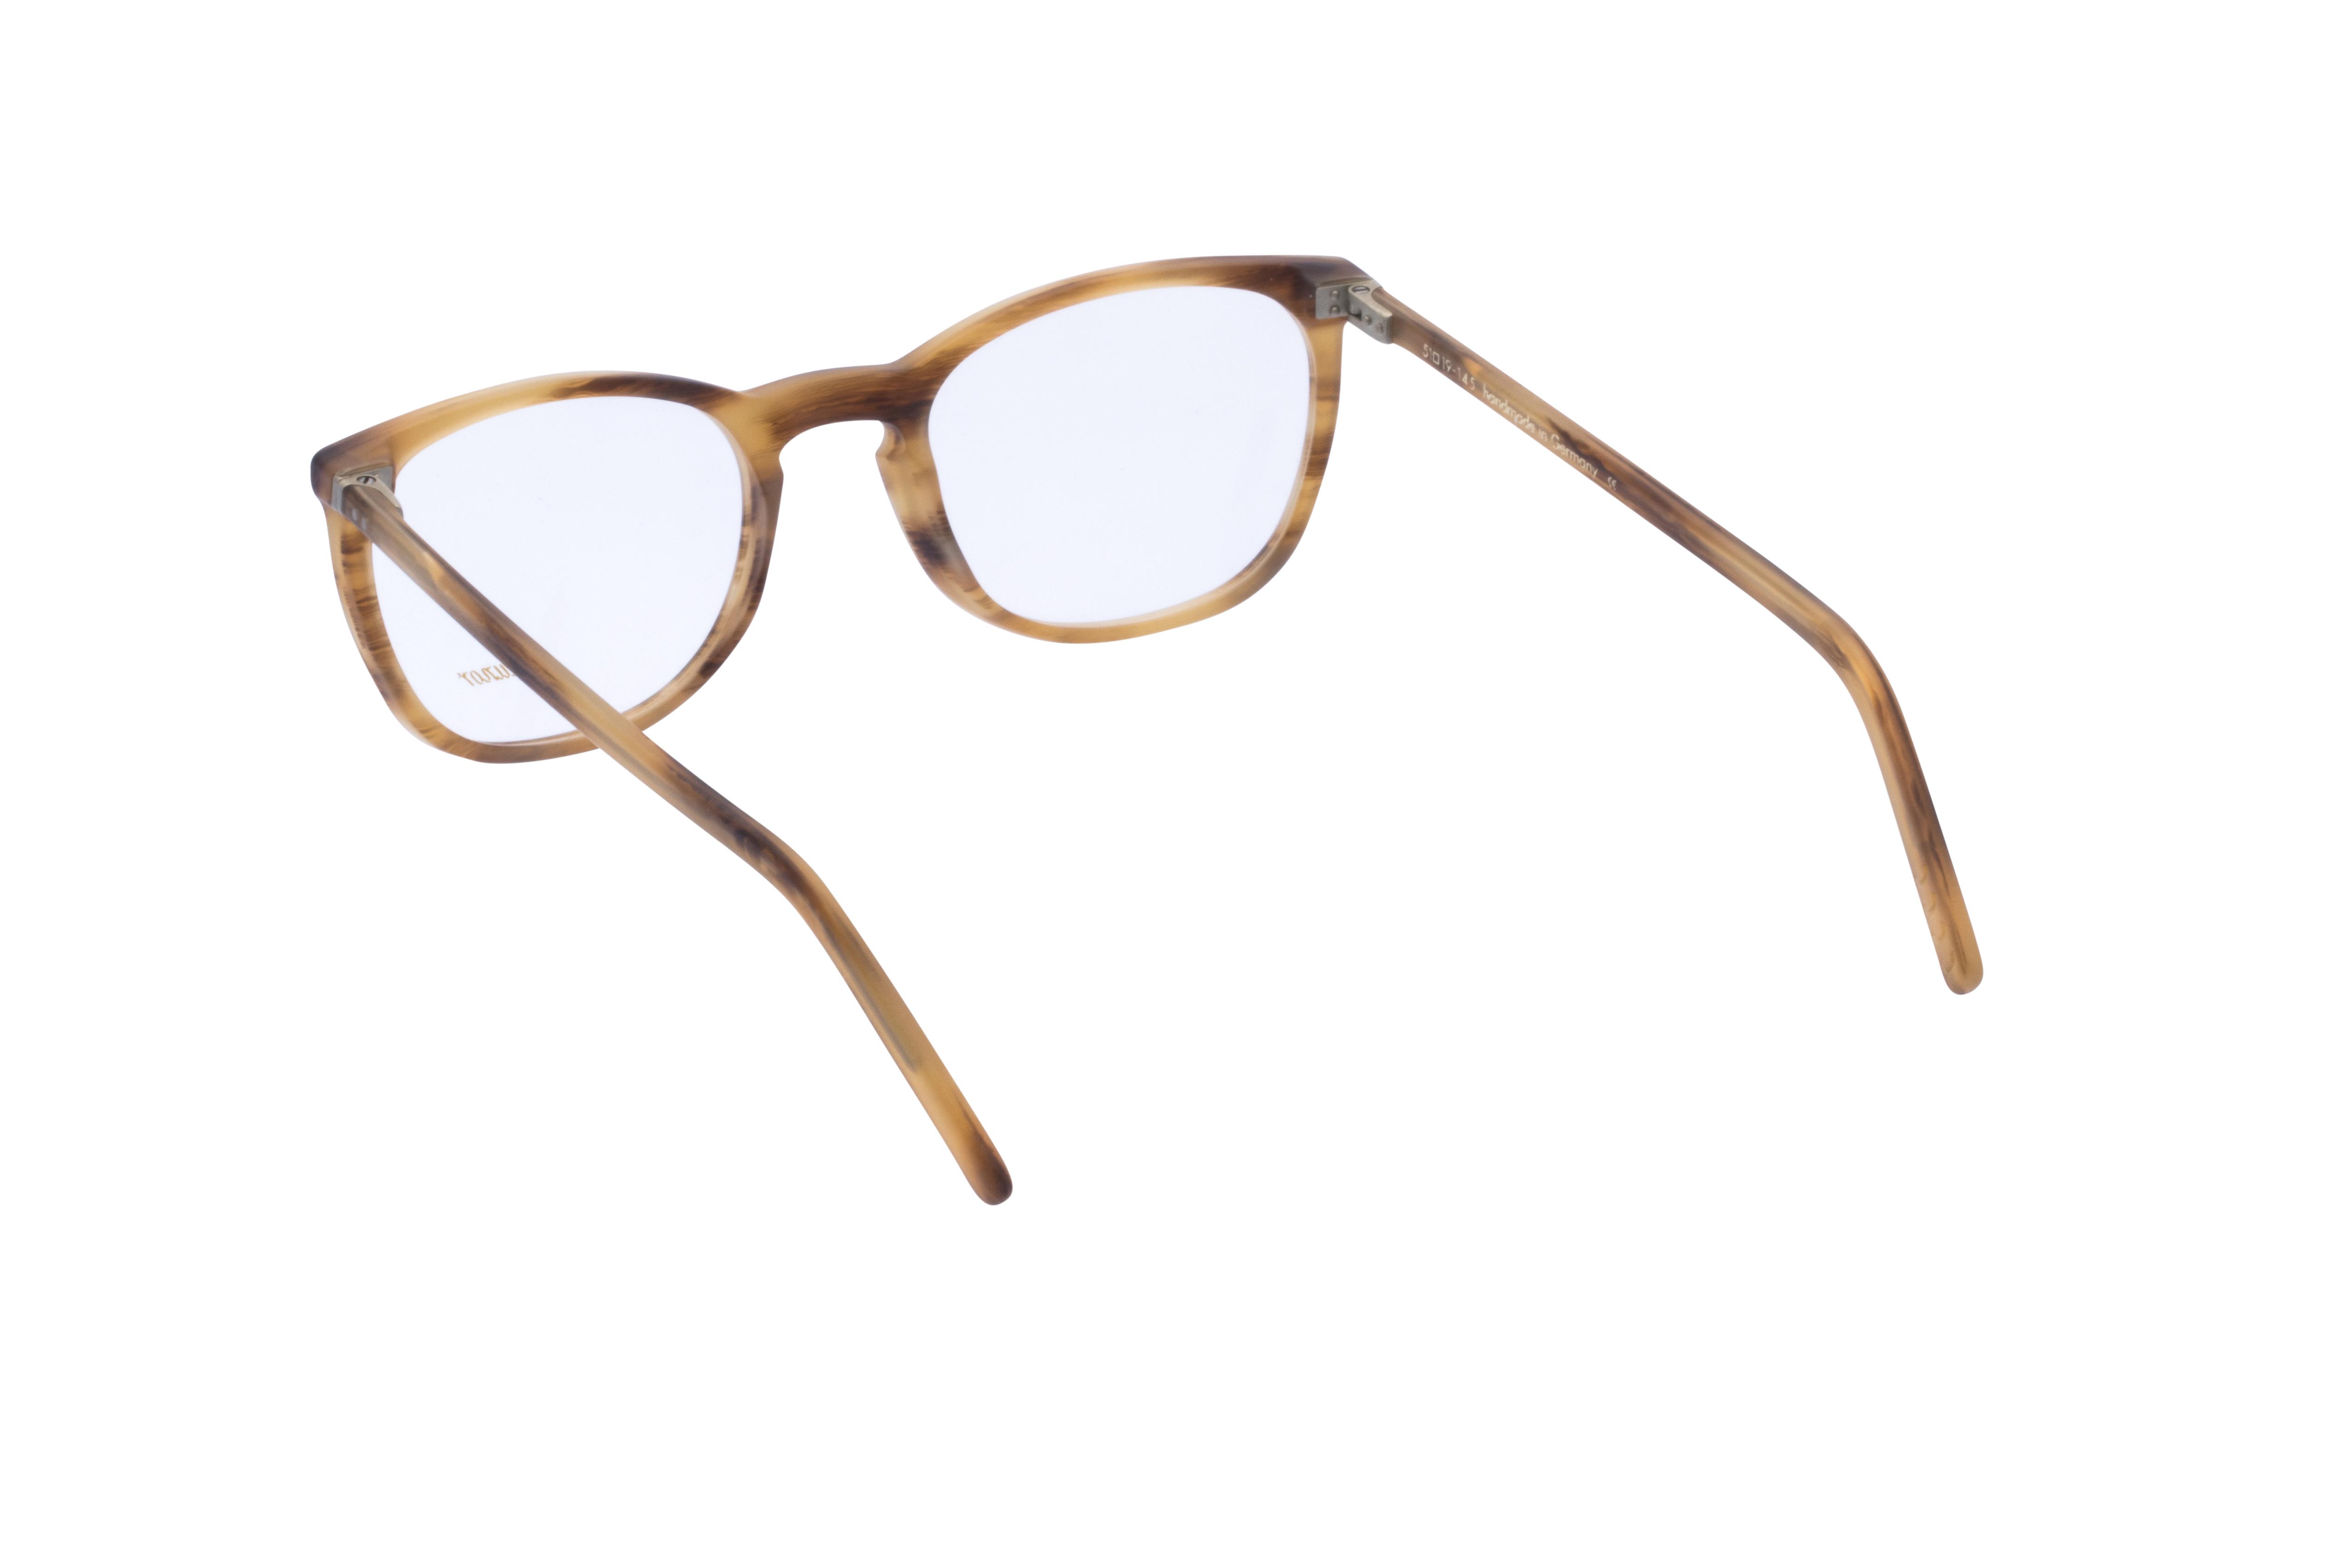 360 Grad Ansicht 14 Lunor 312, Brille auf Weiß - Fassung bei KUNK